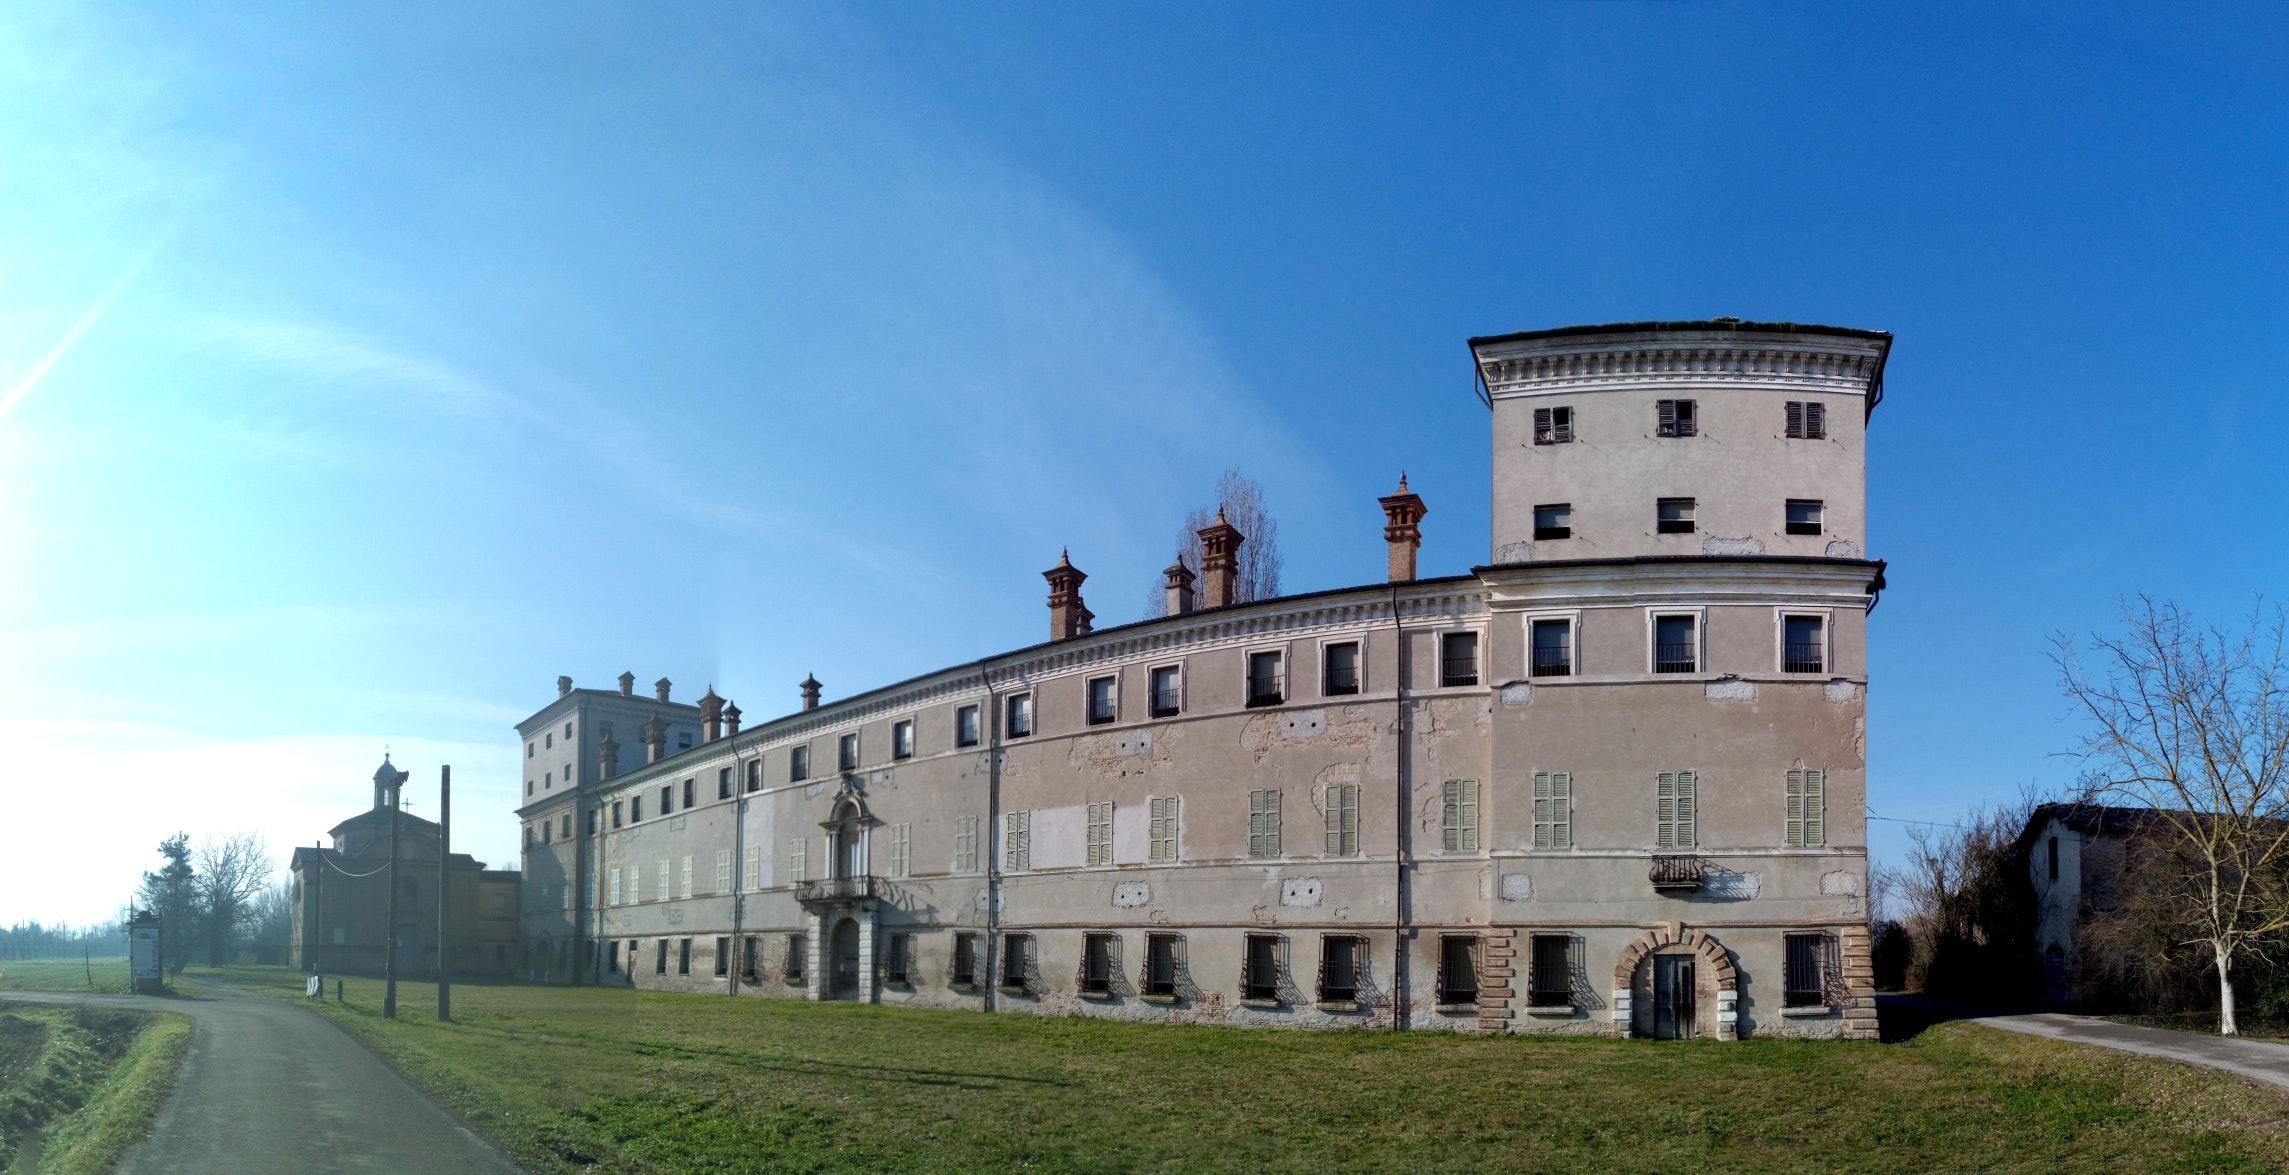 Palazzo San Giacomo, PALAZZO SAN GIACOMO, RUSSI (RA )